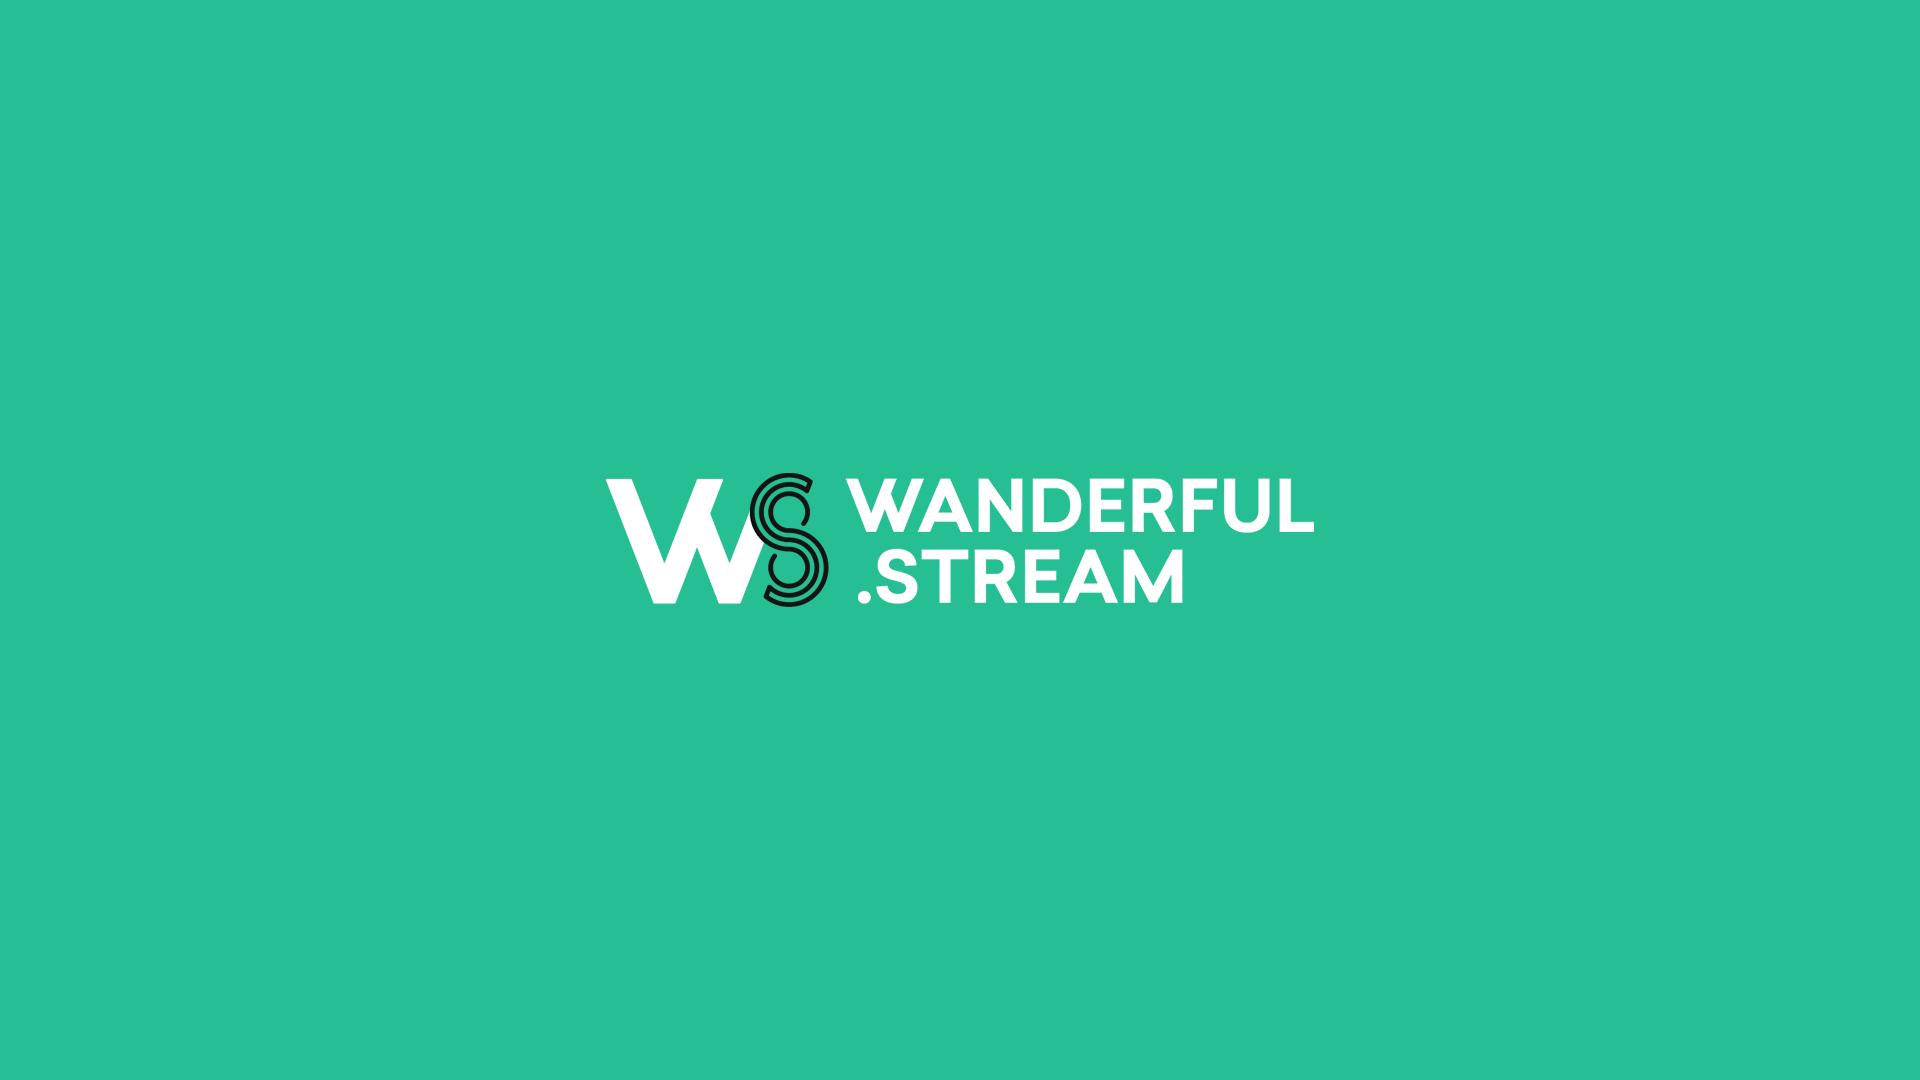 Wanderful.stream